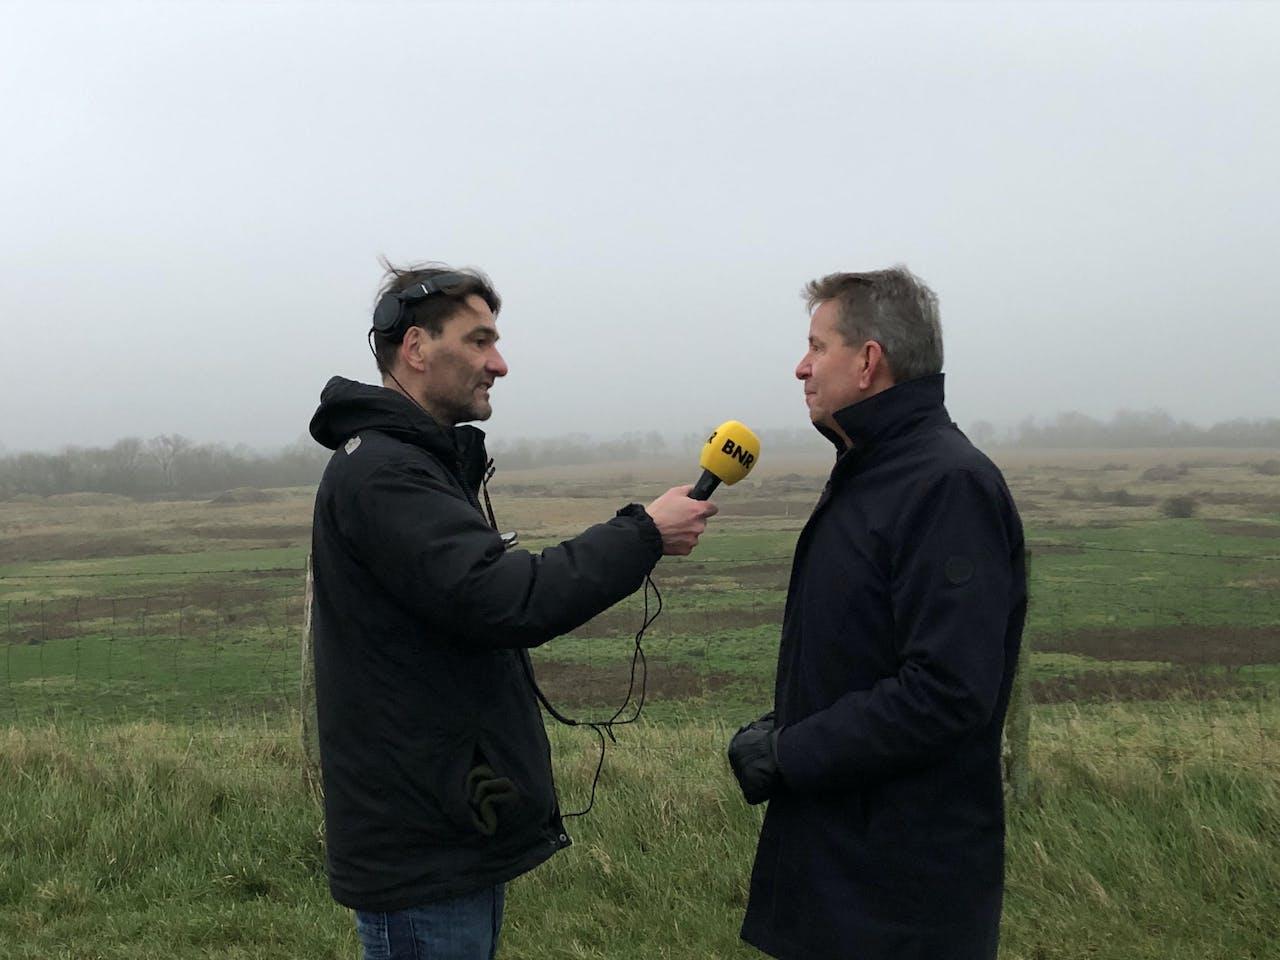 verslaggever Martijn de Rijk spreekt wethouder Albert Vader